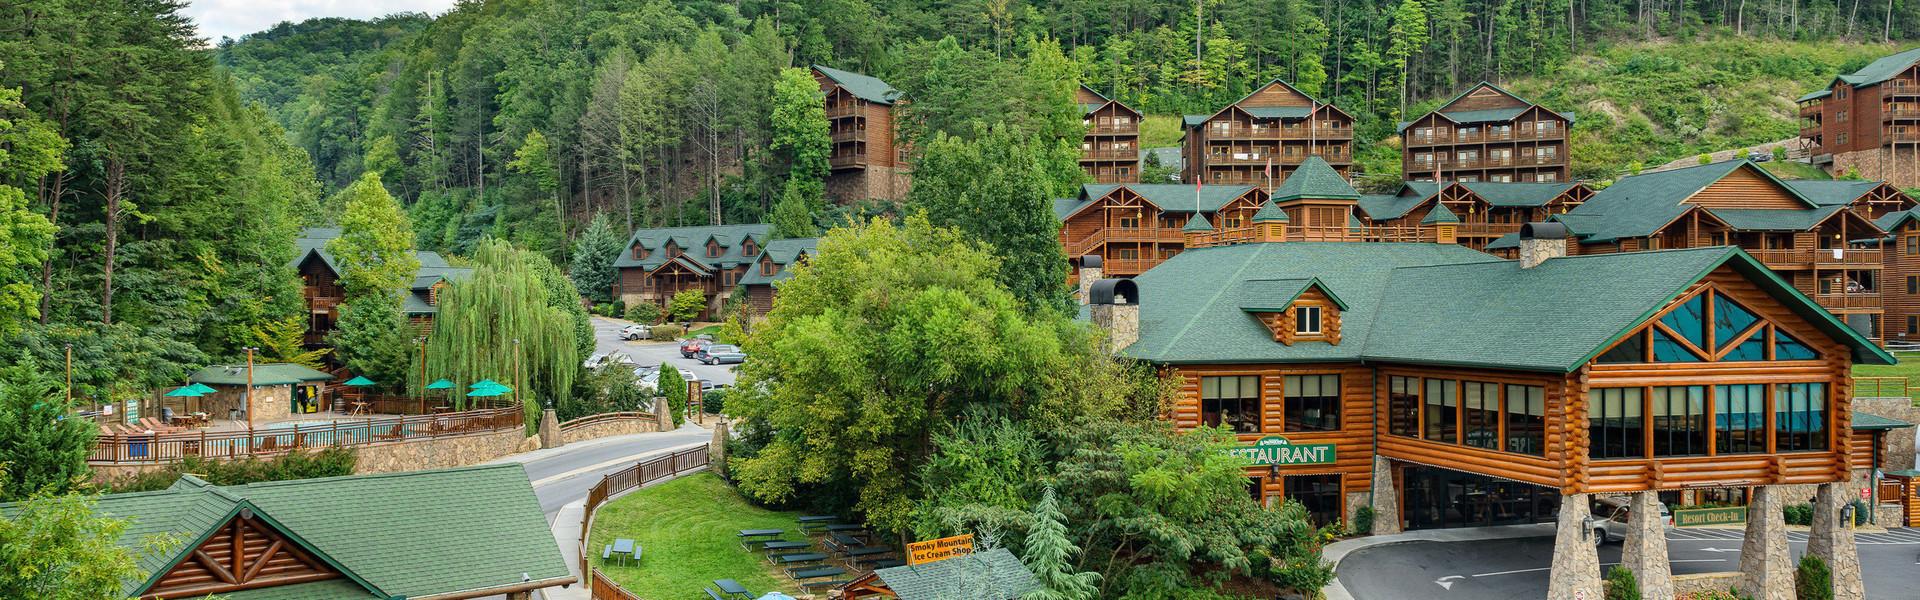 Gatlinburg Resort Reviews near the Smoky Mountains | Smokies Resort